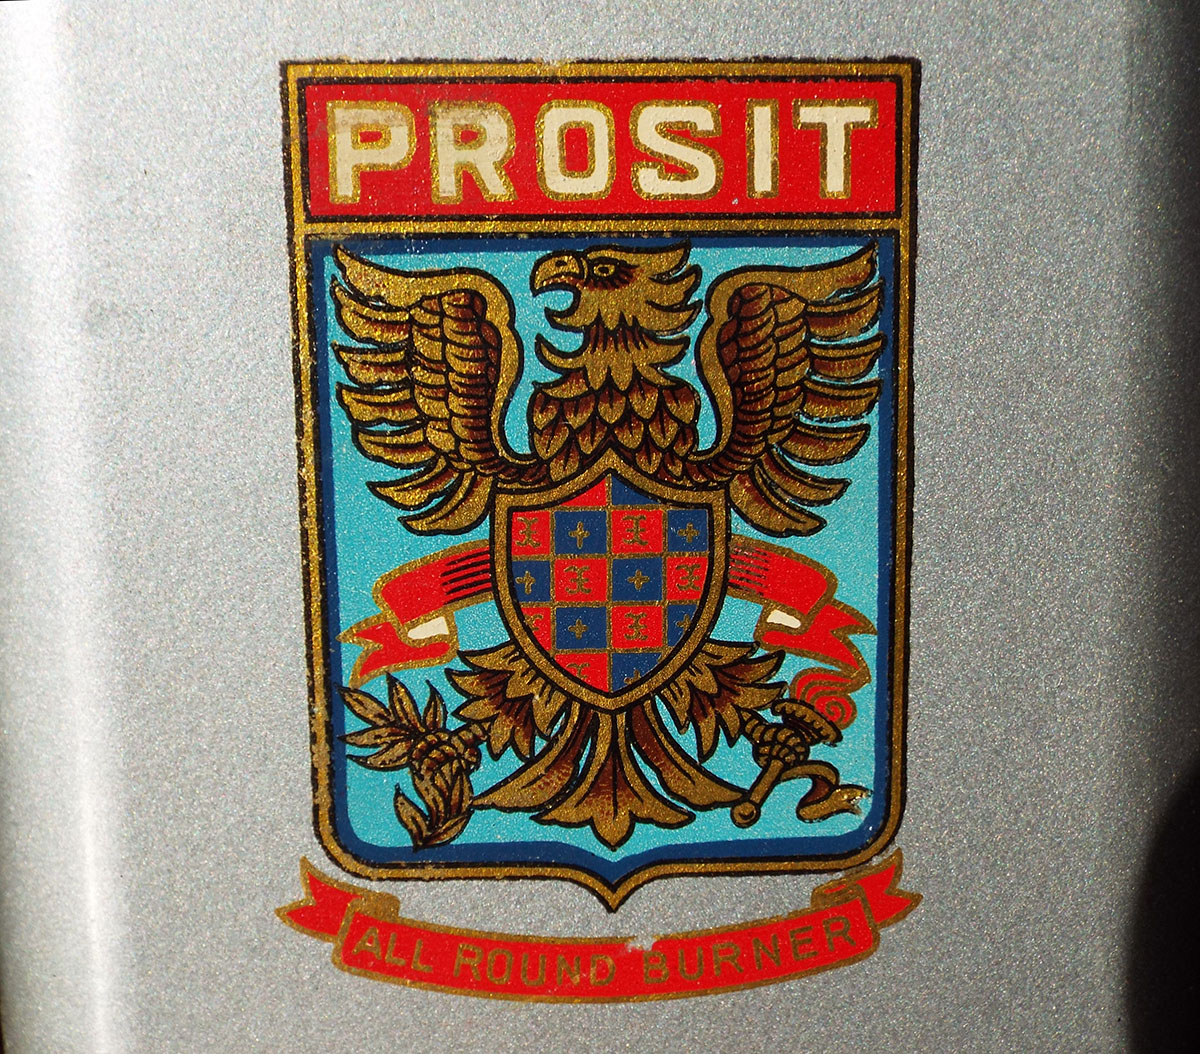 PROSIT 00.jpg